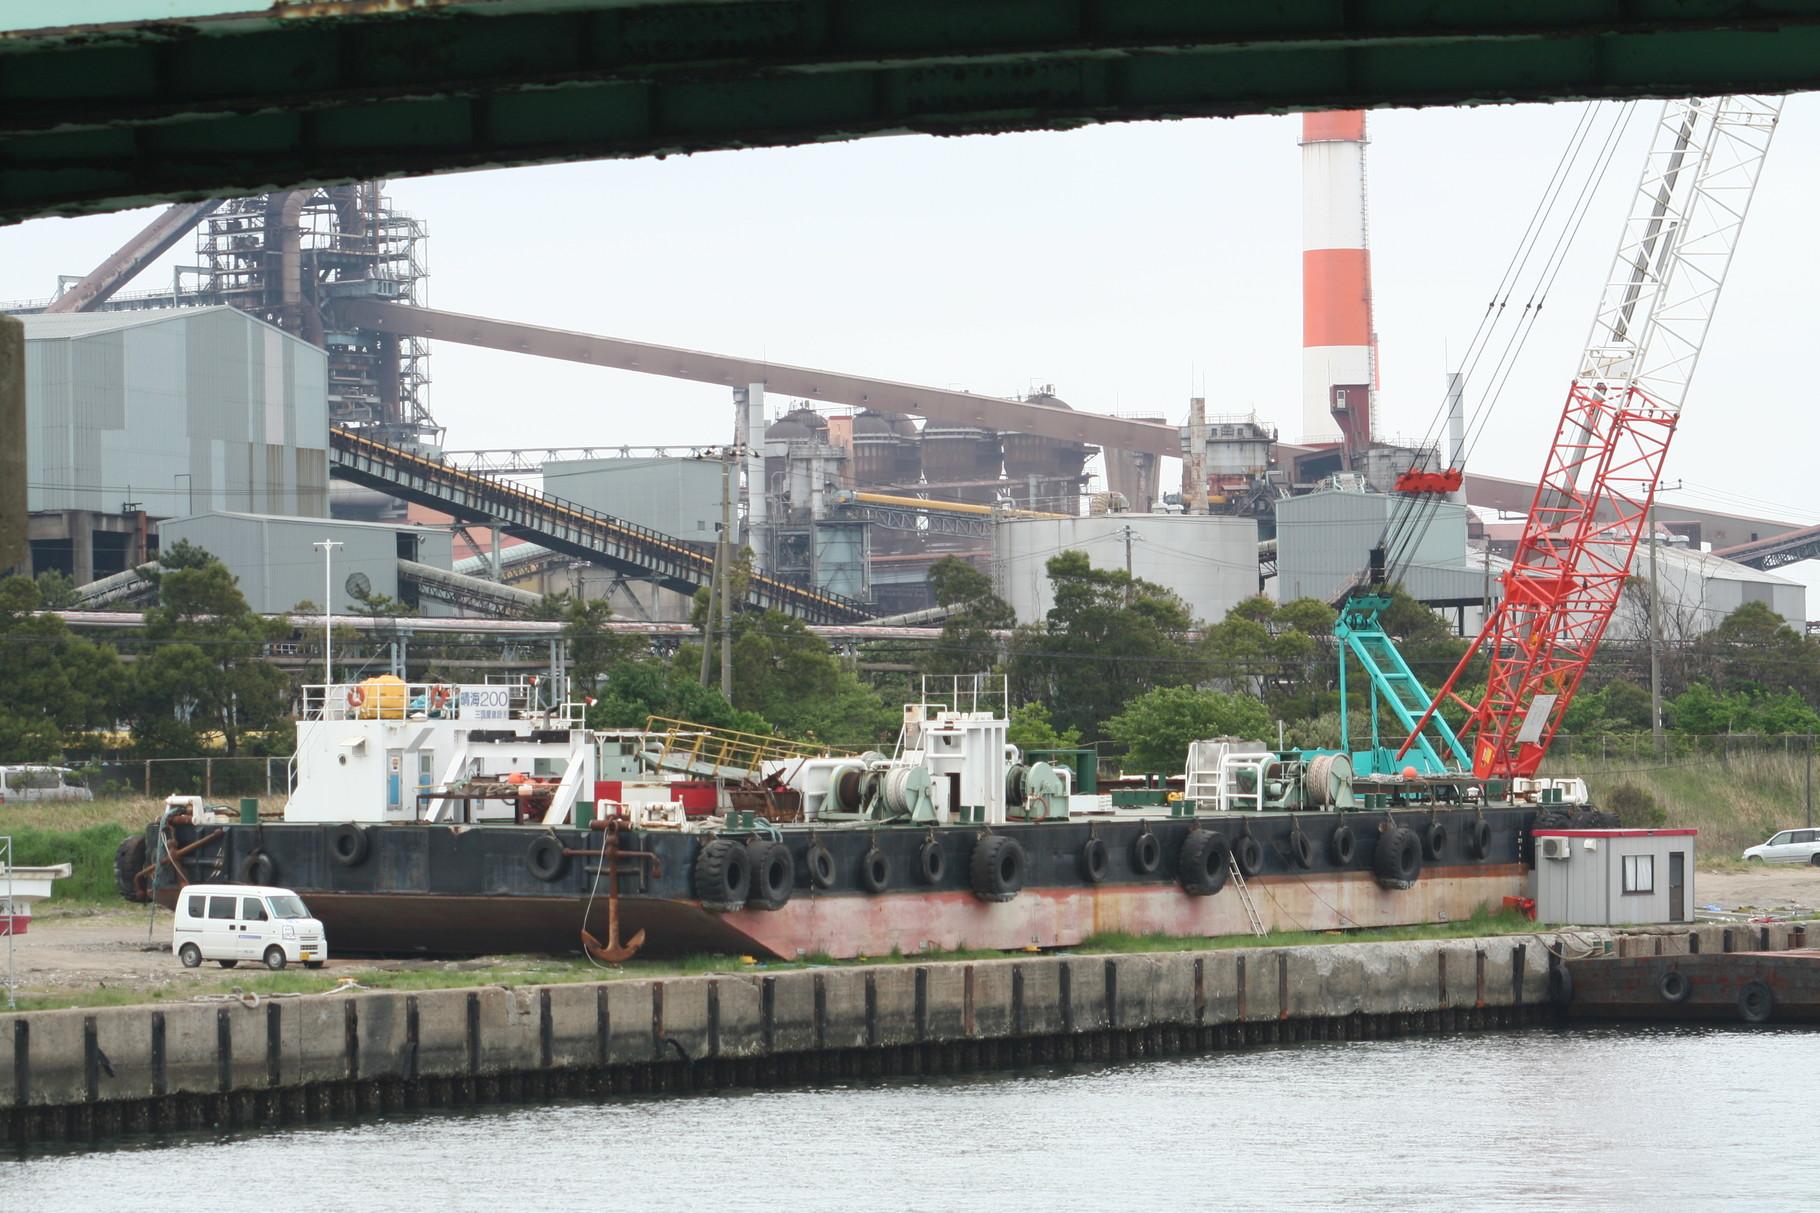 津波でクレーン台船が陸に上がってしまった鹿島港